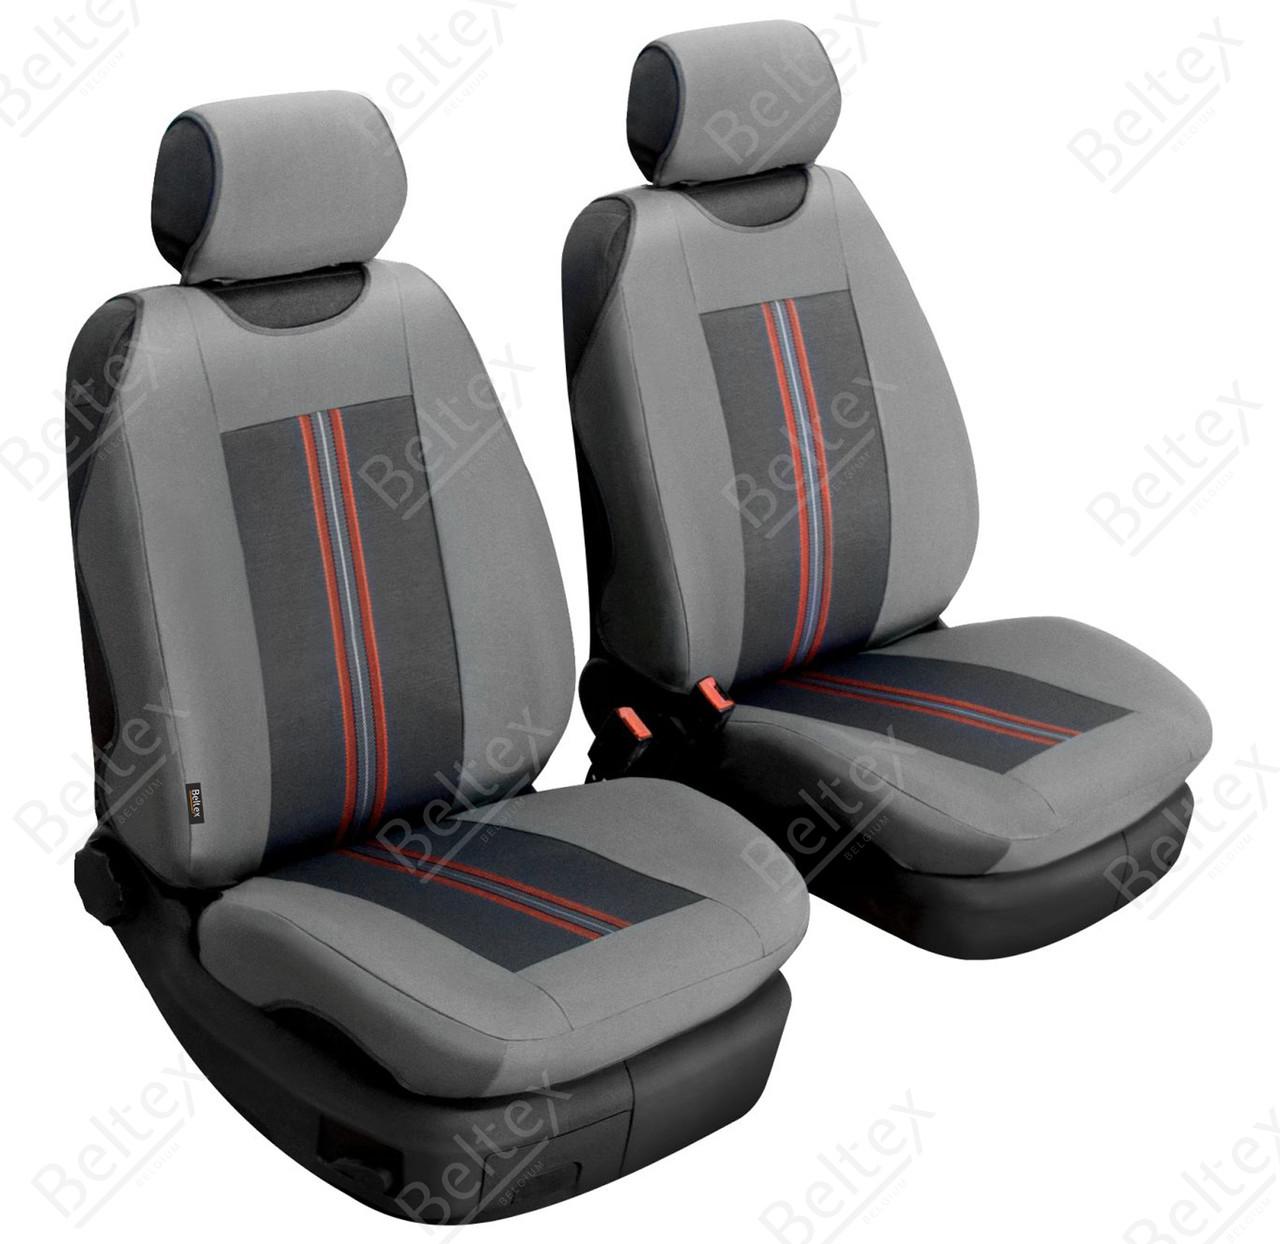 Чехлы на передние сиденья Beltex Comfort серый